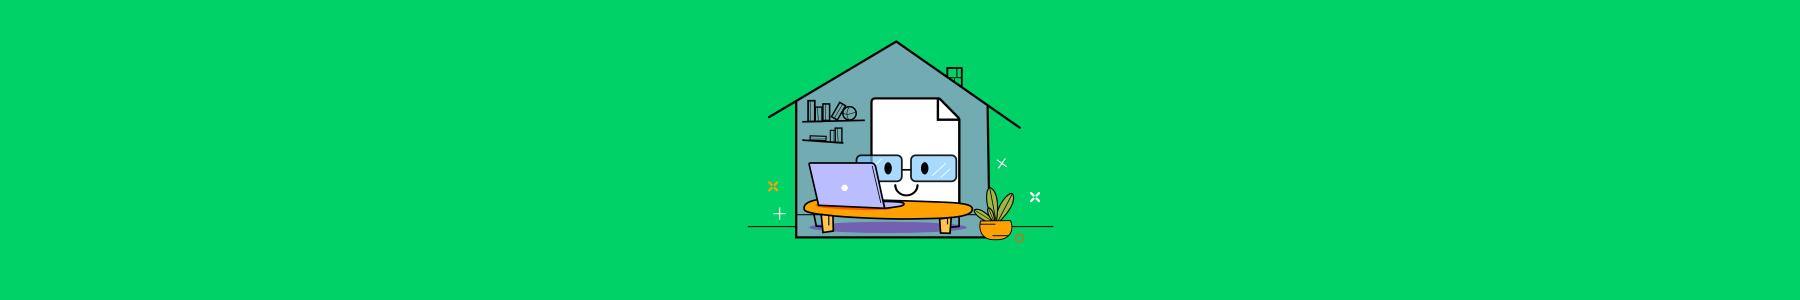 herramientas online para trabajar desde casa banner